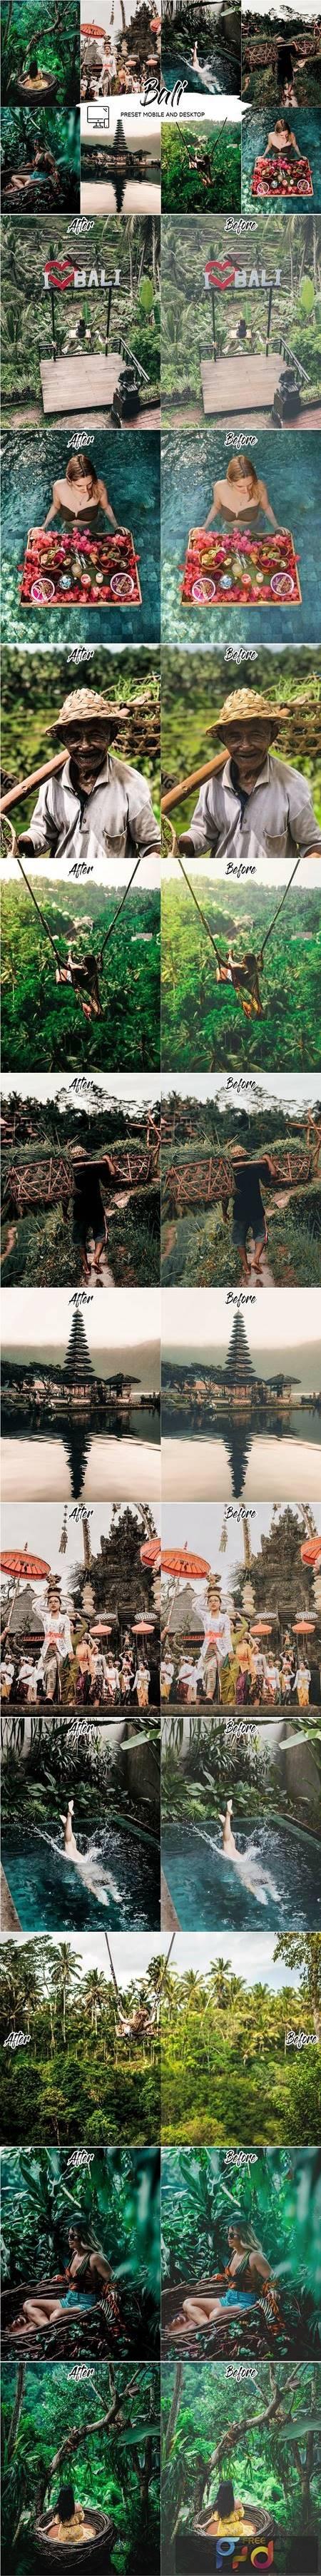 Bali Lightroom Presets 5337033 1